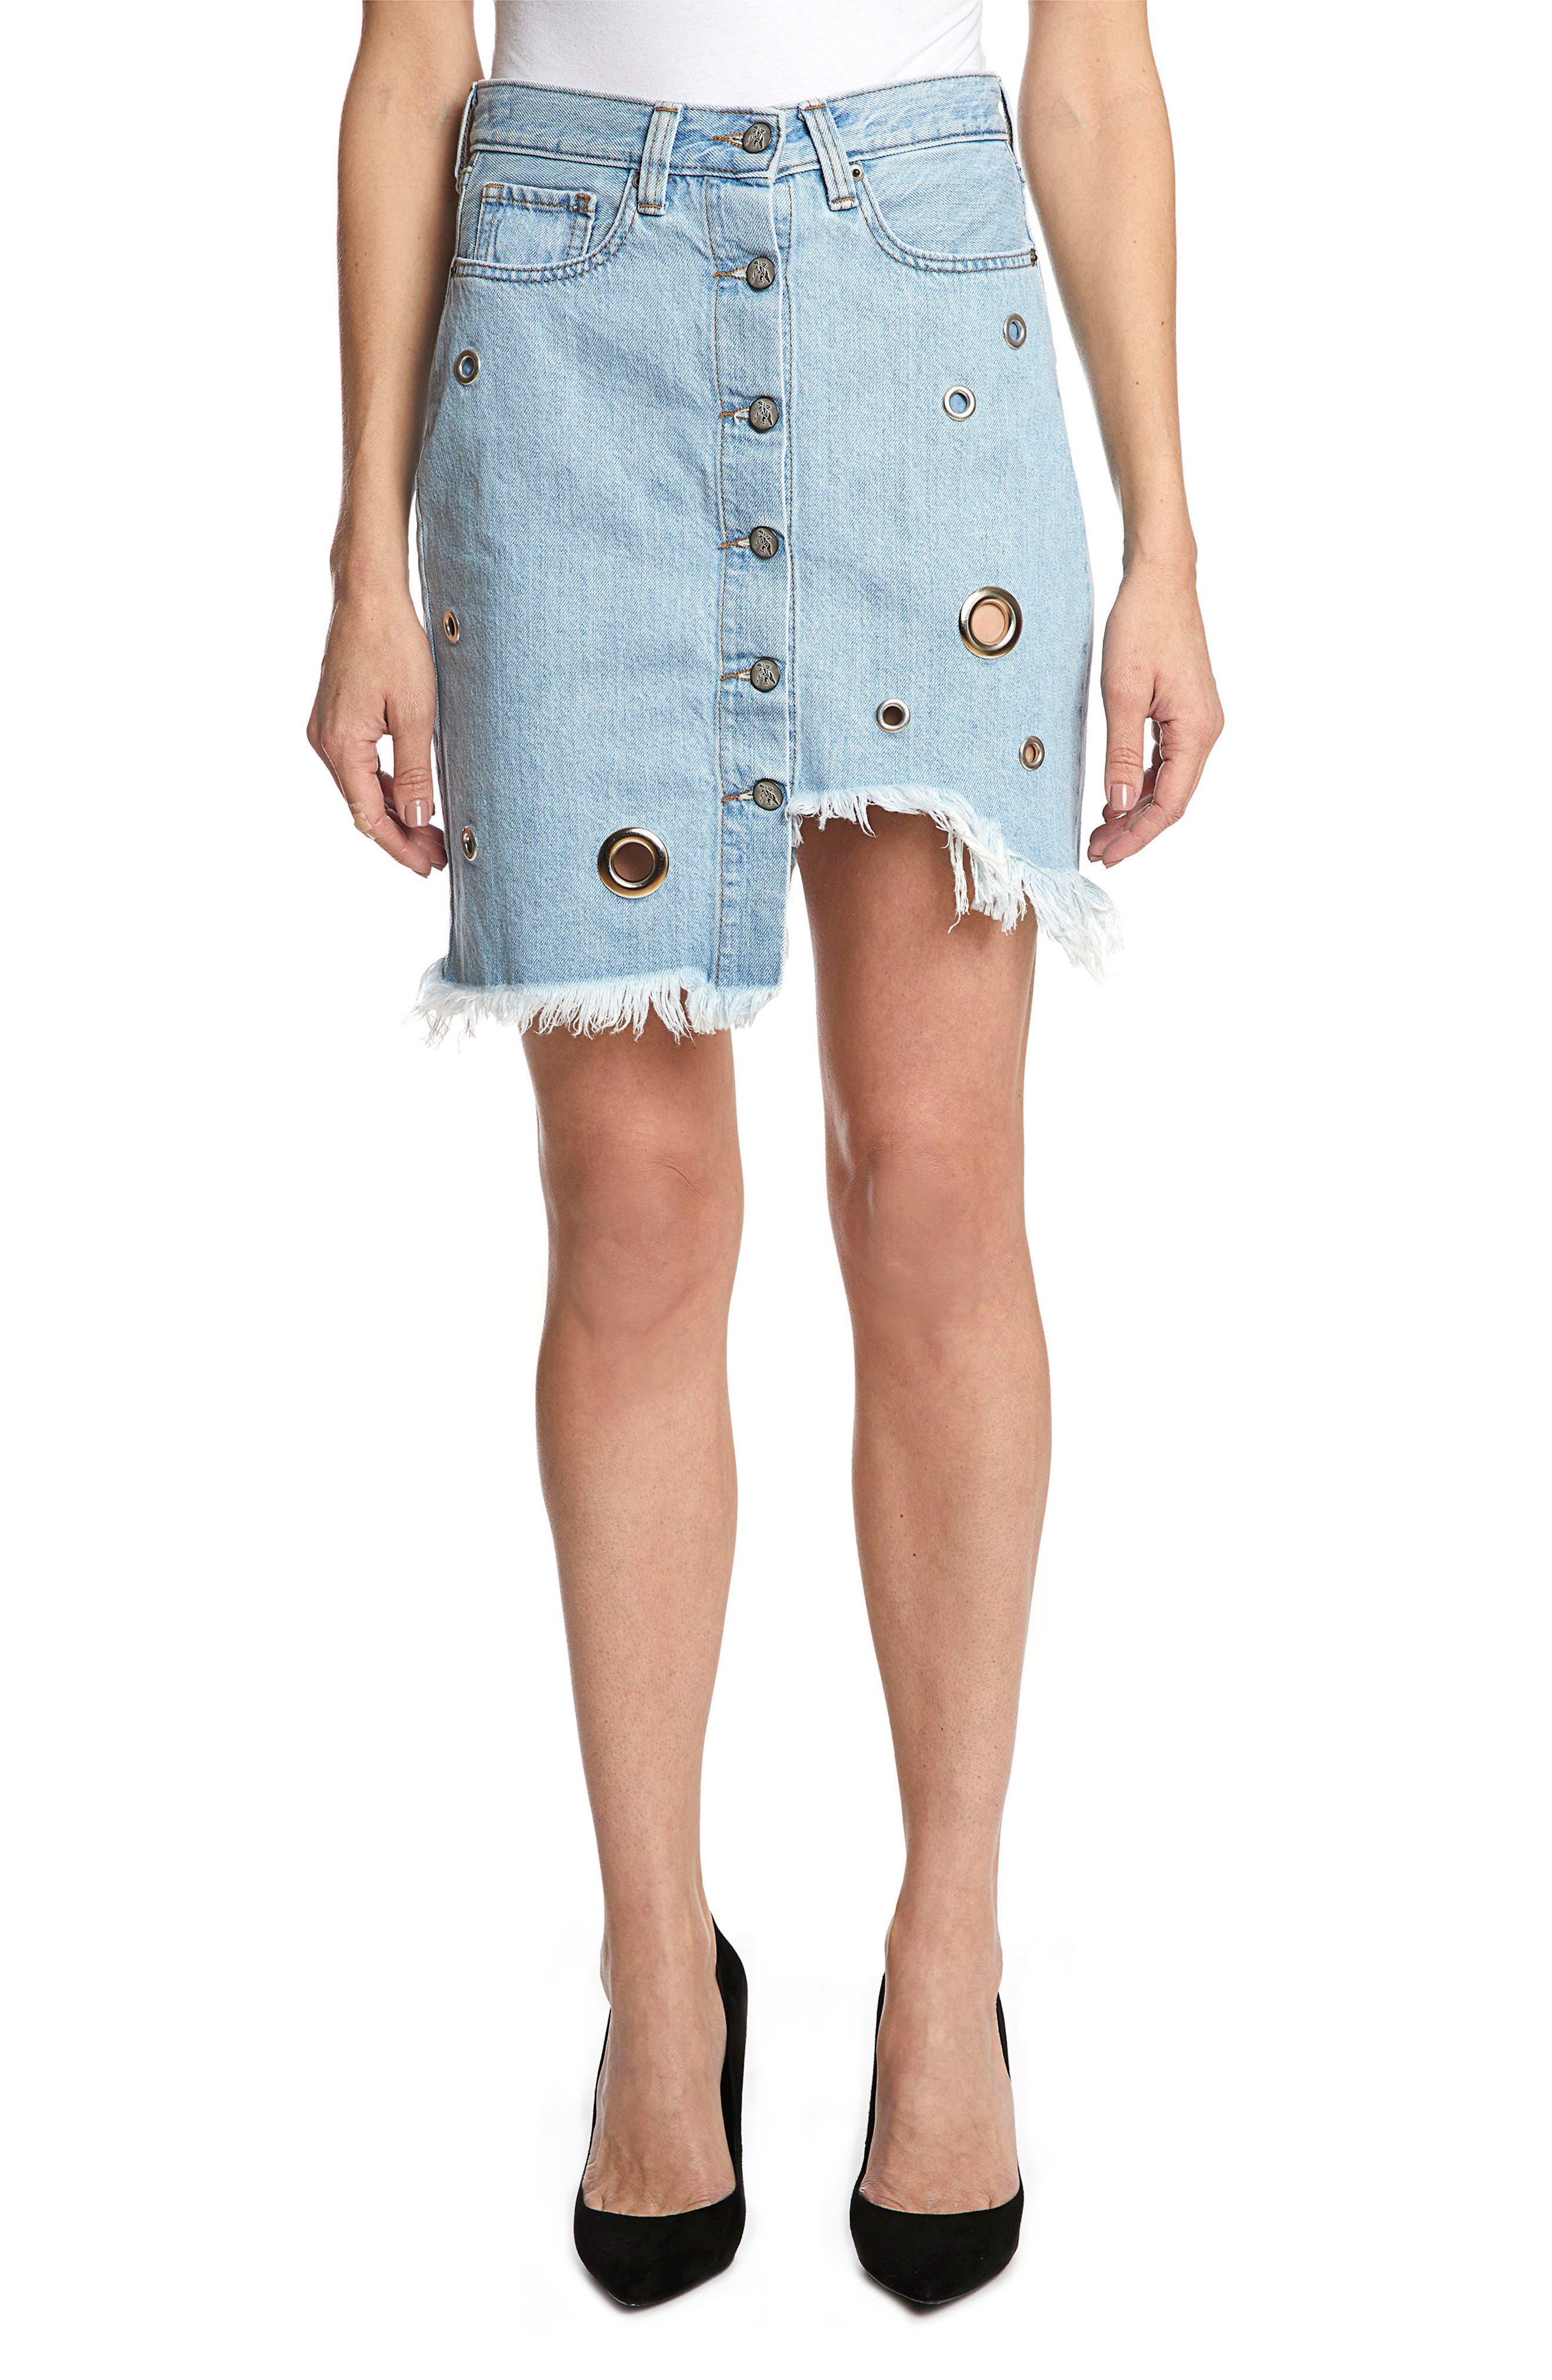 Nomad Grommet Denim Skirt,                         Main,                         color, Light Stone